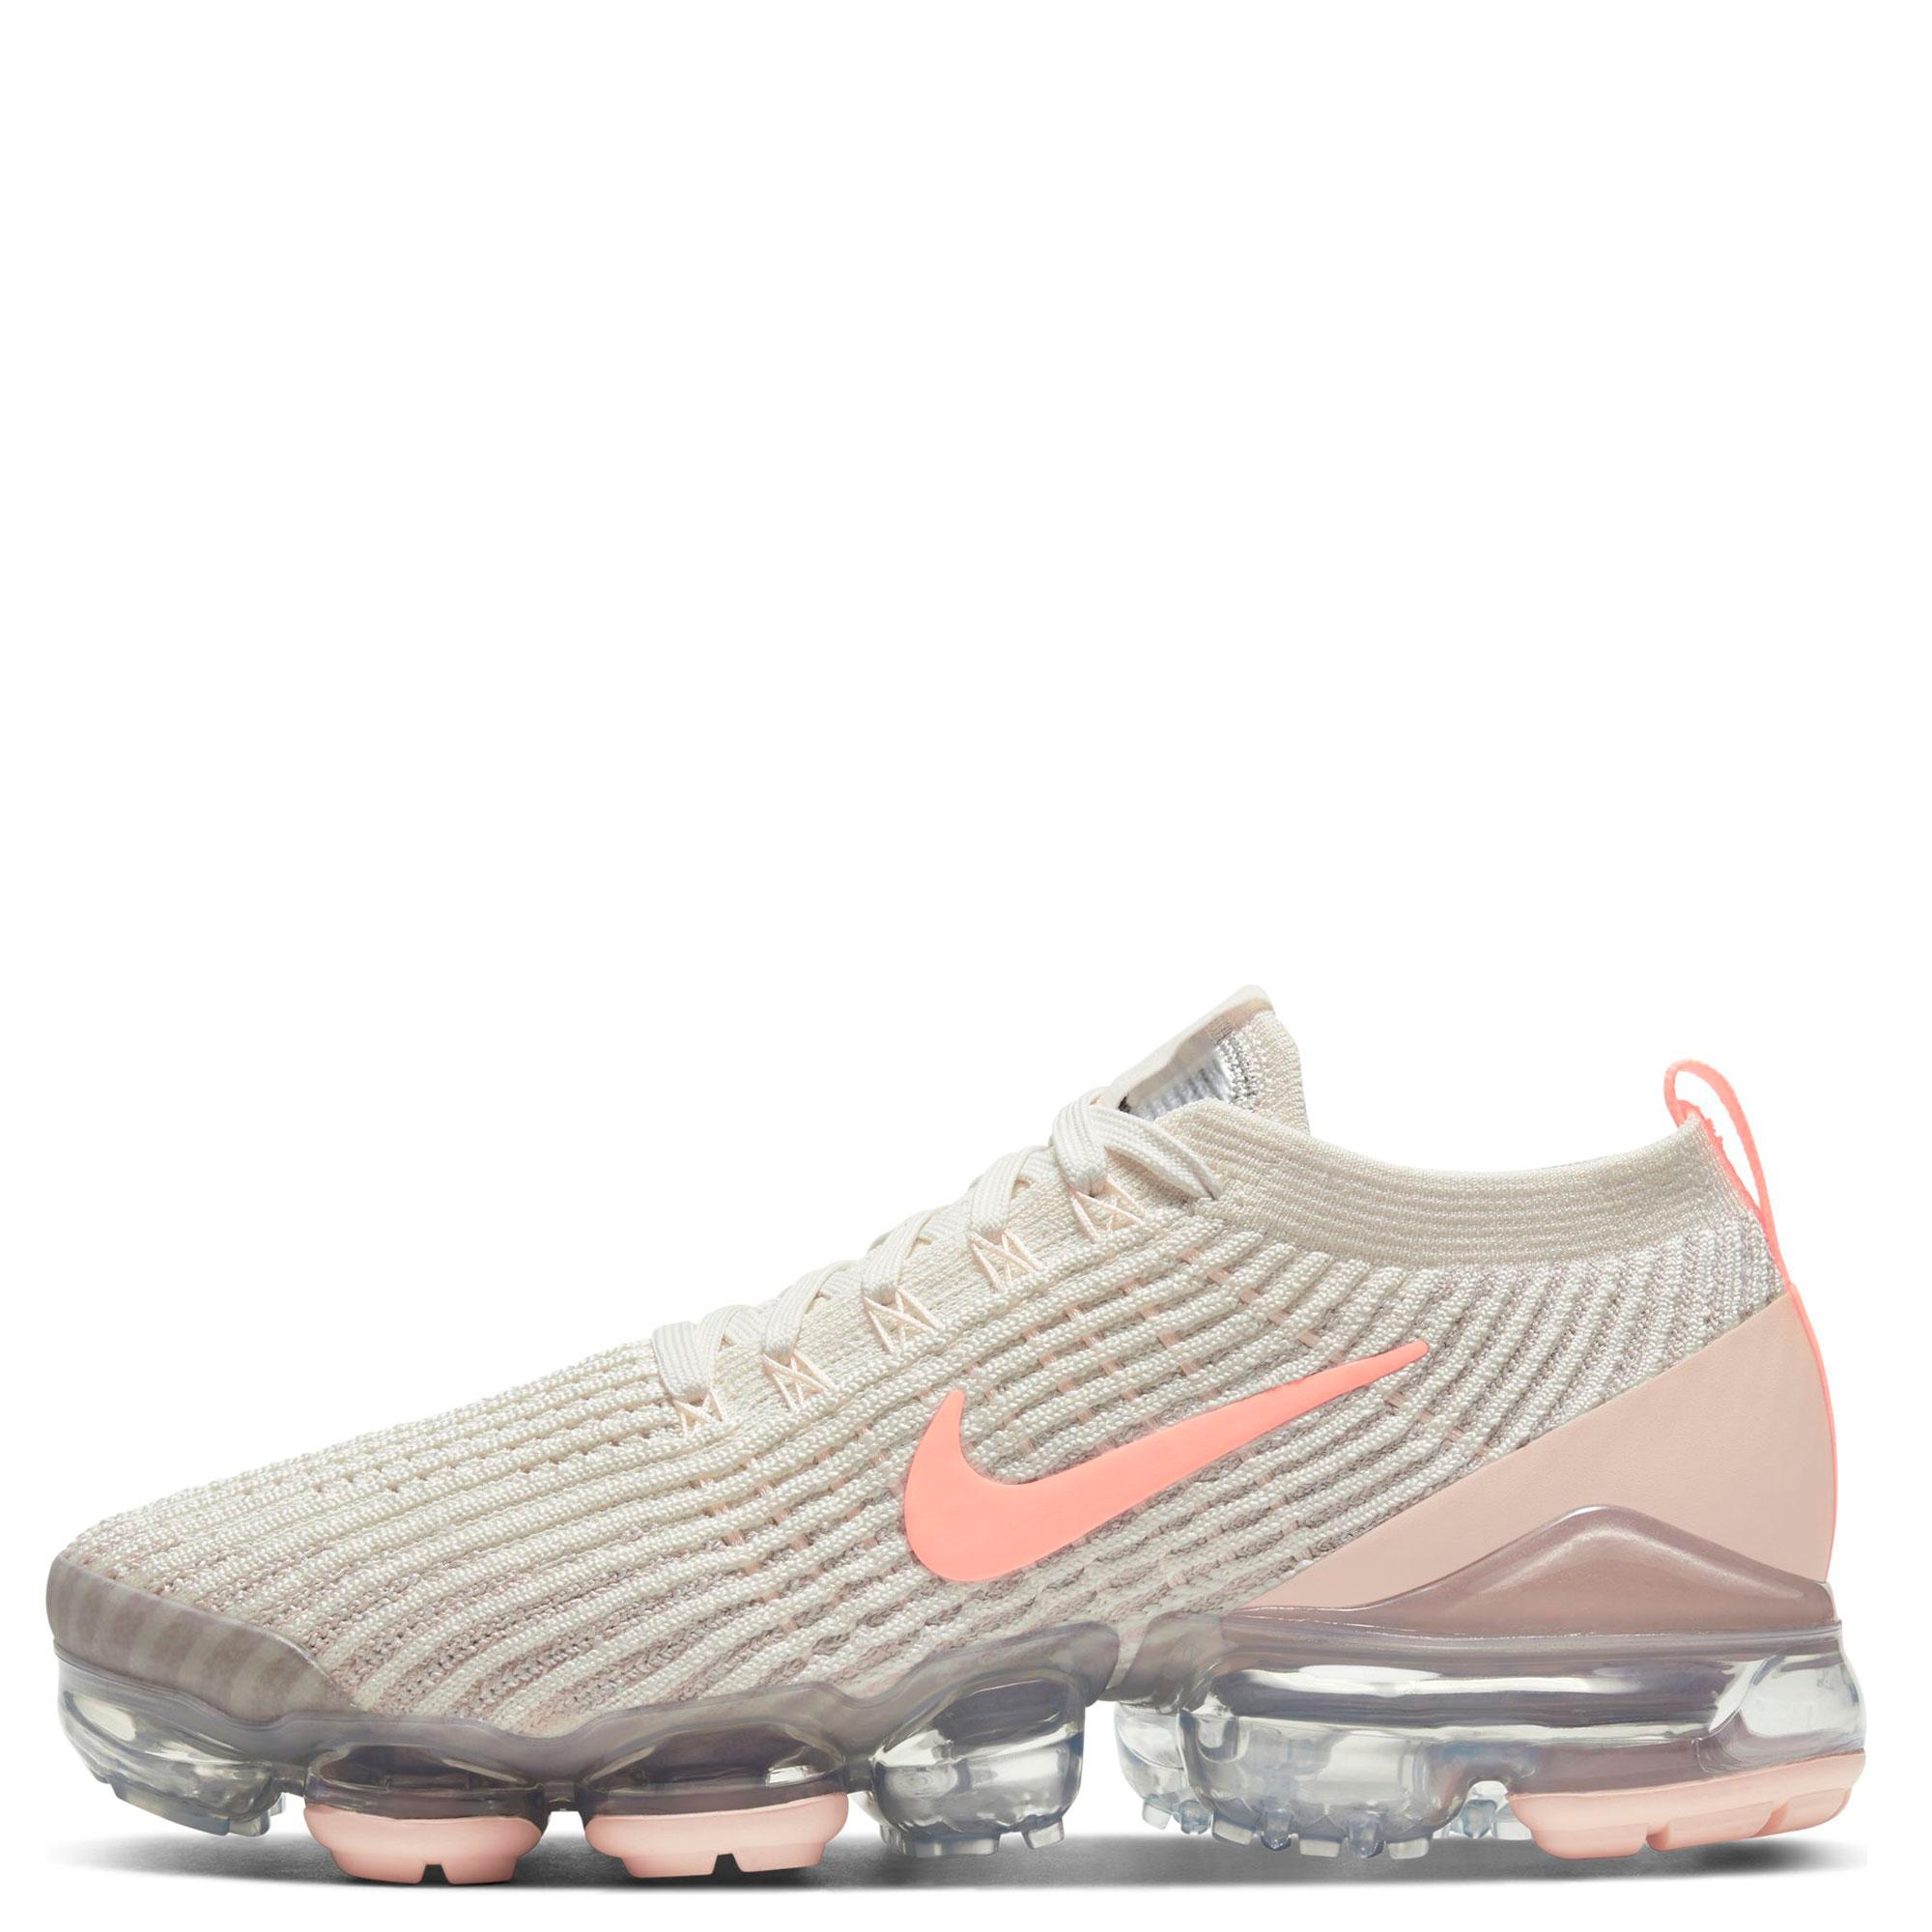 air vapormax flyknit 3 running shoe